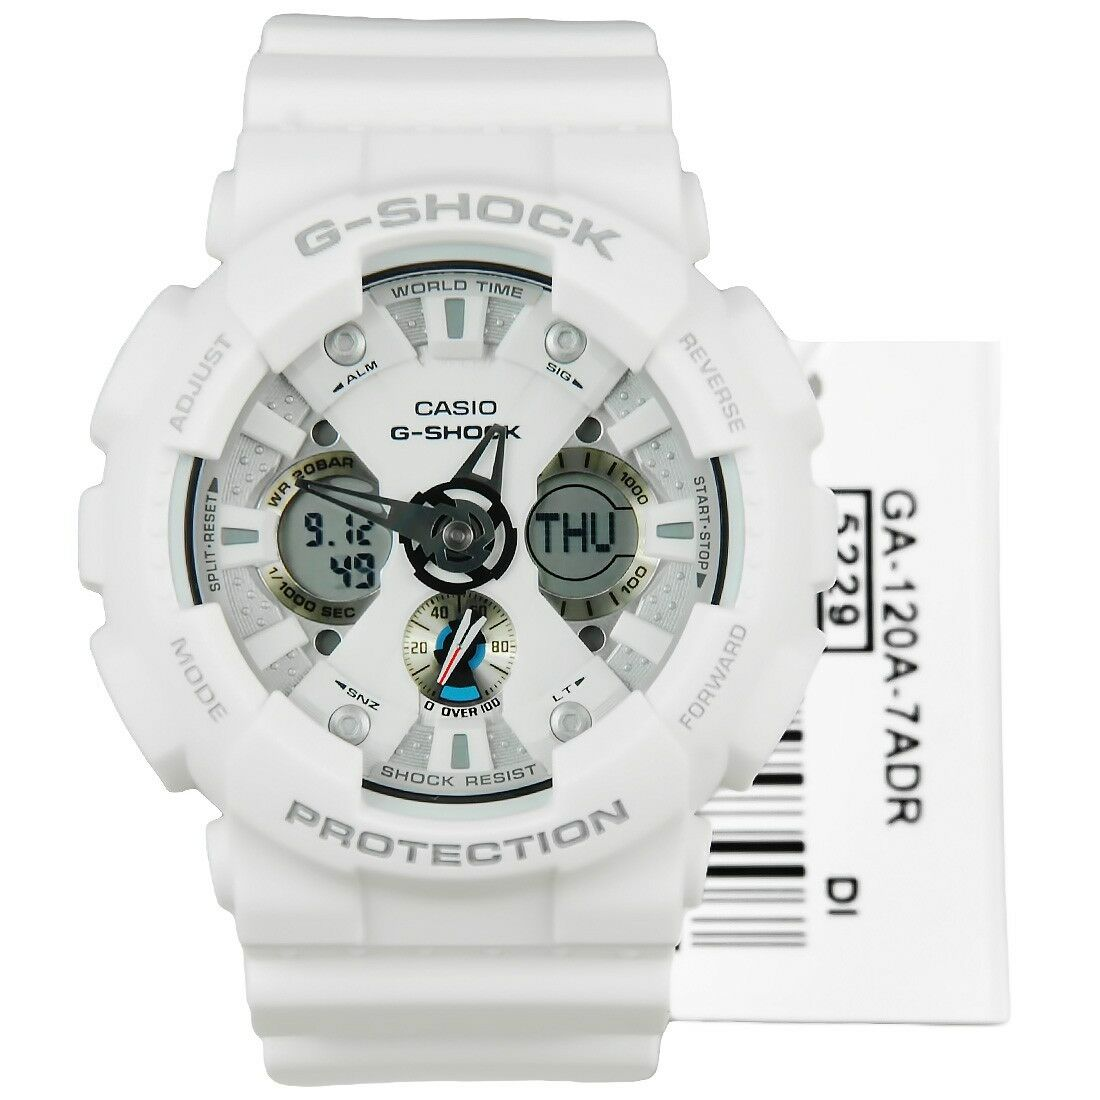 04db70af309 Casio G-Shock GA-120A-7A Original Analog Digital White Mens Watch GA-120  WR200M